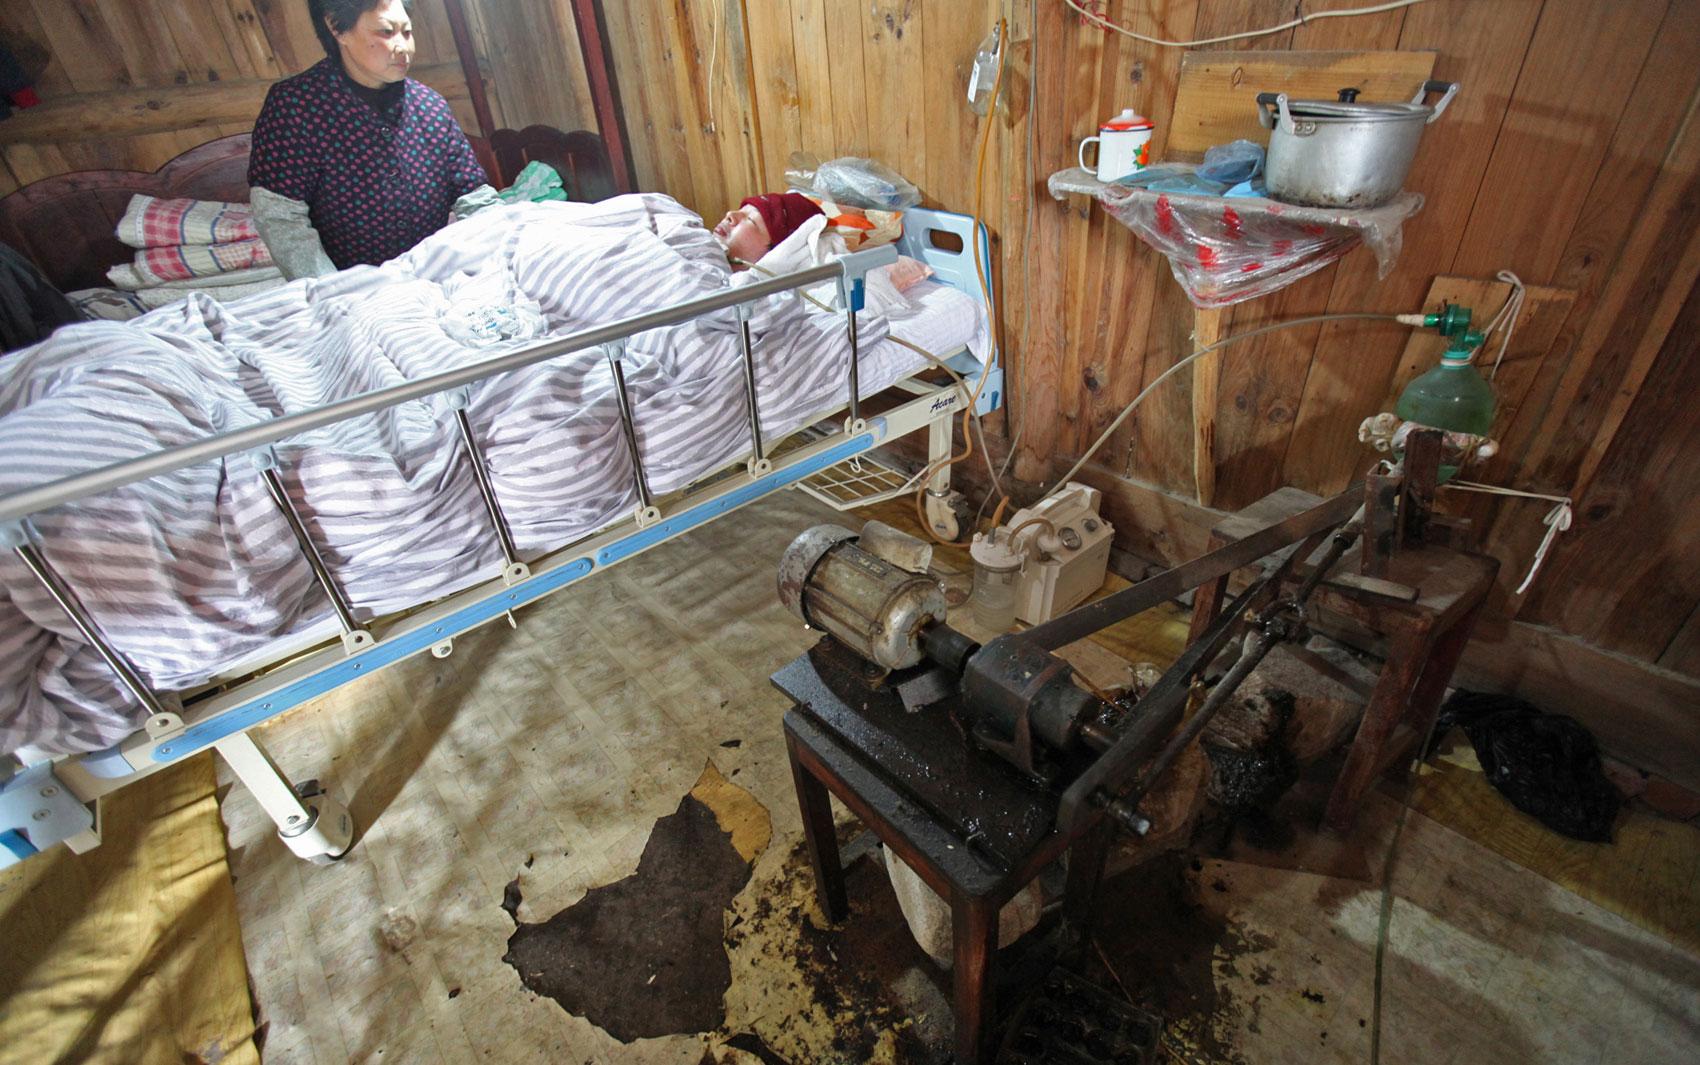 O chinês Fu Xuepeng sobrevive há 7 anos devido à ajuda dos pais, que passaram a maior parte desse período se revezando para bombear oxigênio para os pulmões de Fu. Ele ficou paralisado num acidente de carro em 2006 e agora vai receber ajuda profissional.